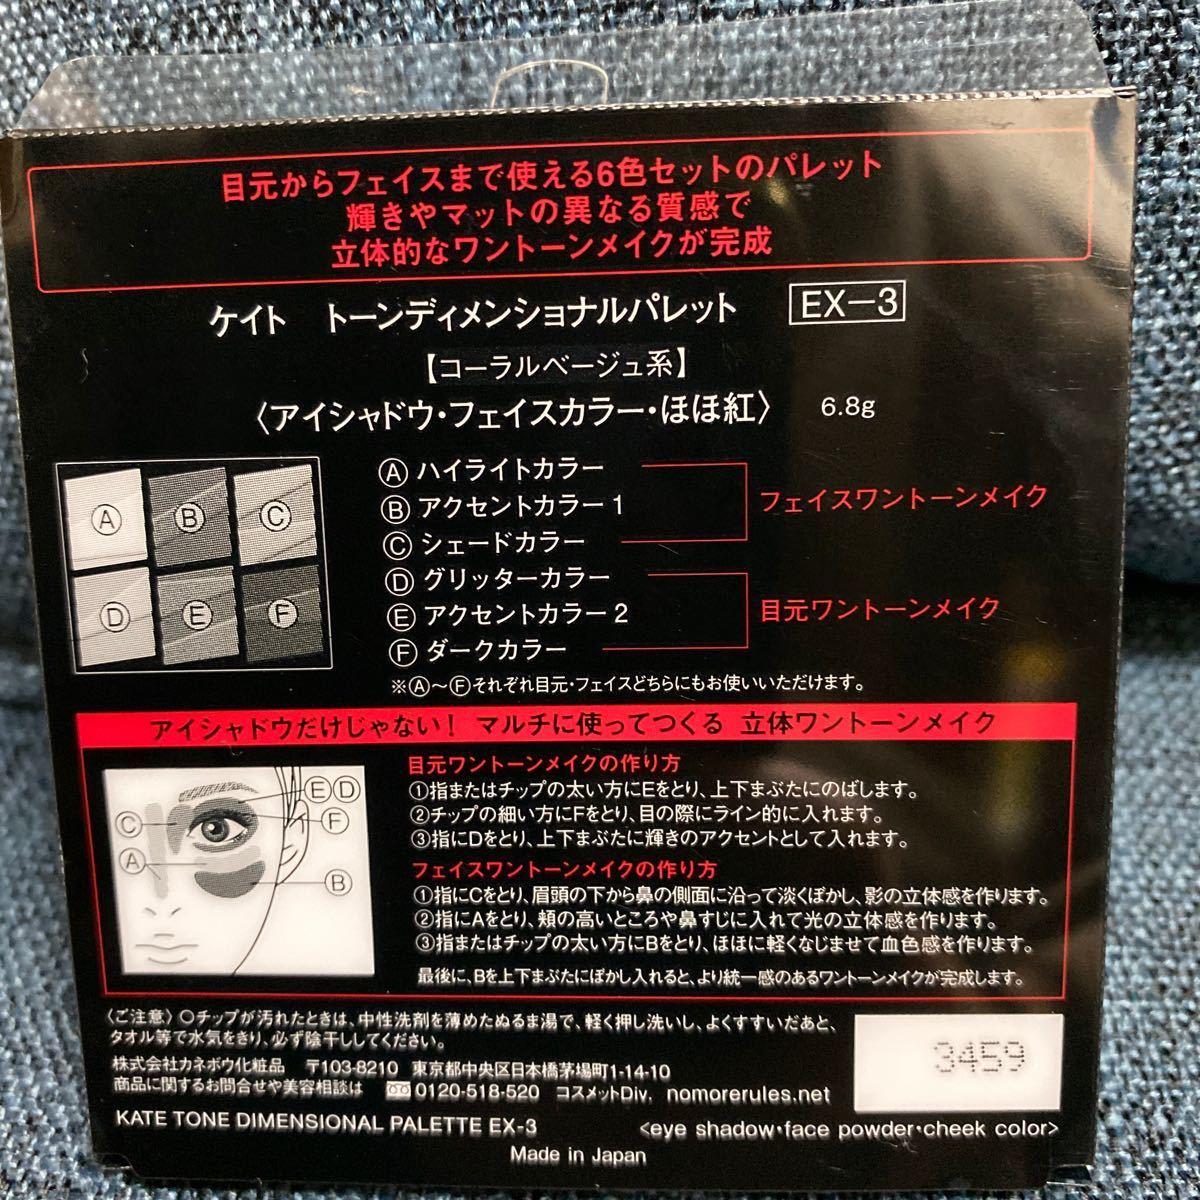 【新品】ケイト トーンディメンショナルパレット アイシャドウ EX-3 コーラルベージュ系